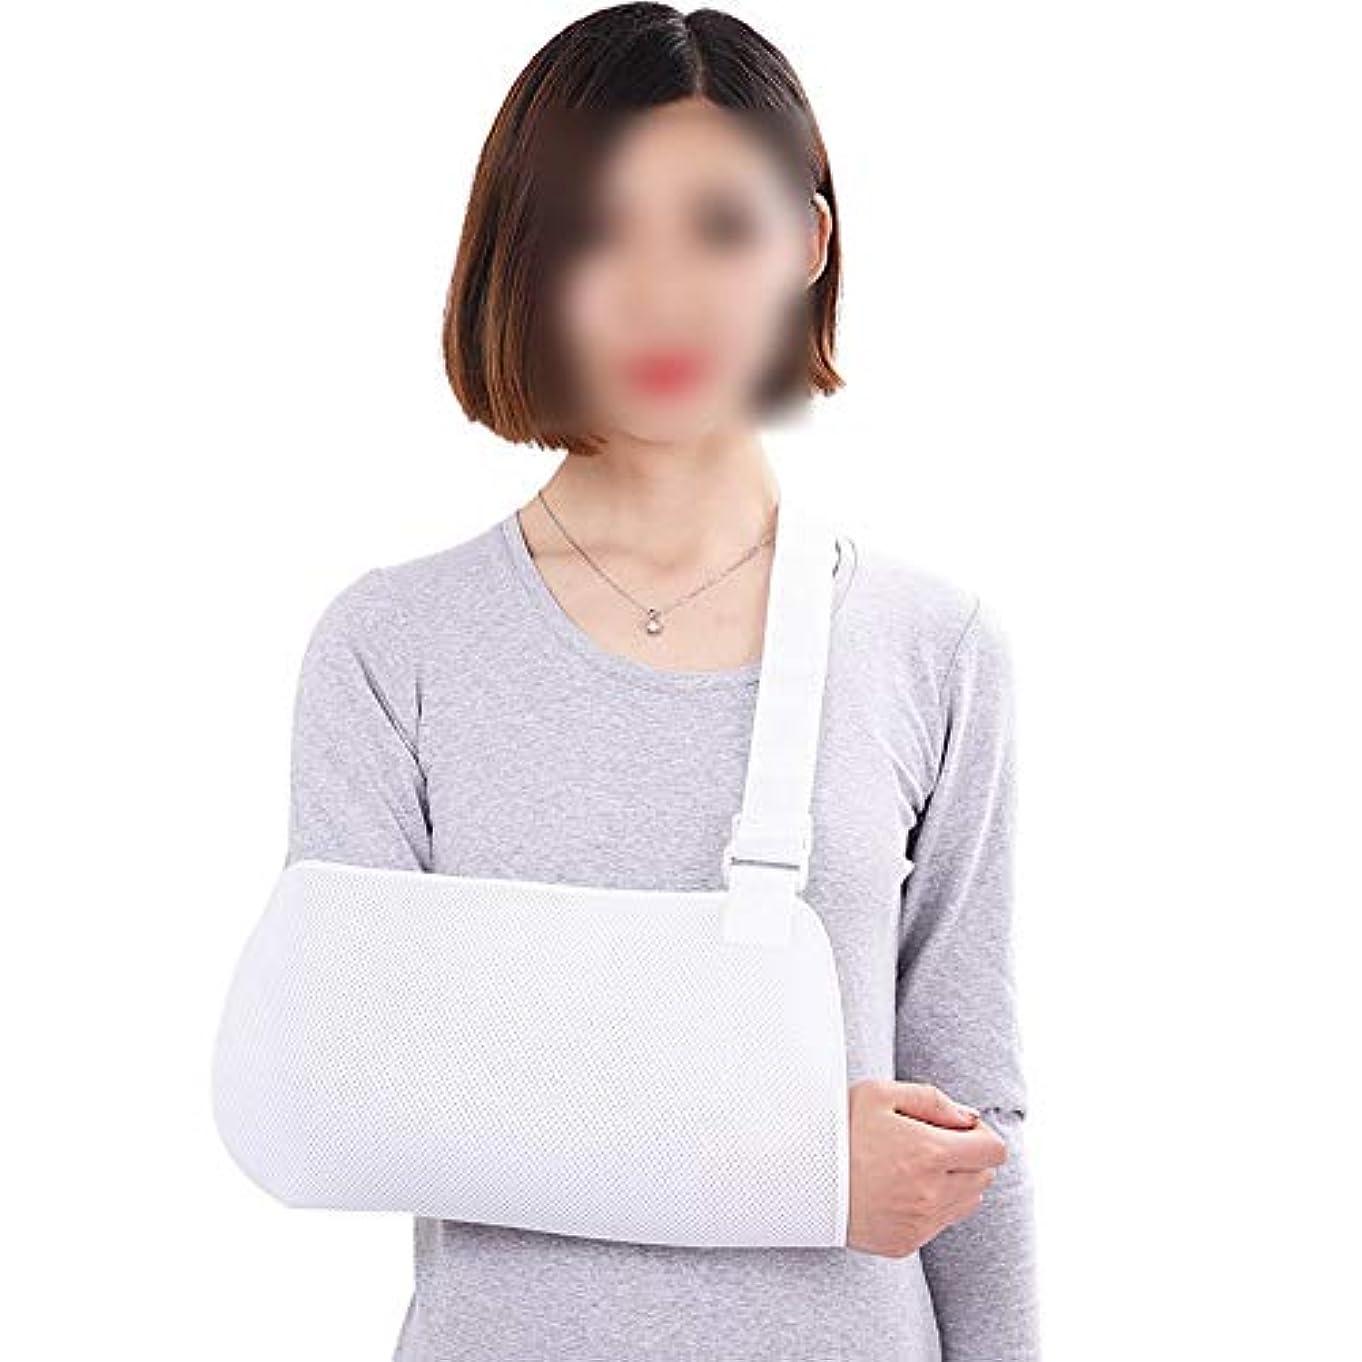 手数料休憩制限されたZYL-YL ハンギングネック包帯ホワイト前腕ストラップ腕手首肘関節の肩関節骨折負傷ソリッド装具ツールアームスリング